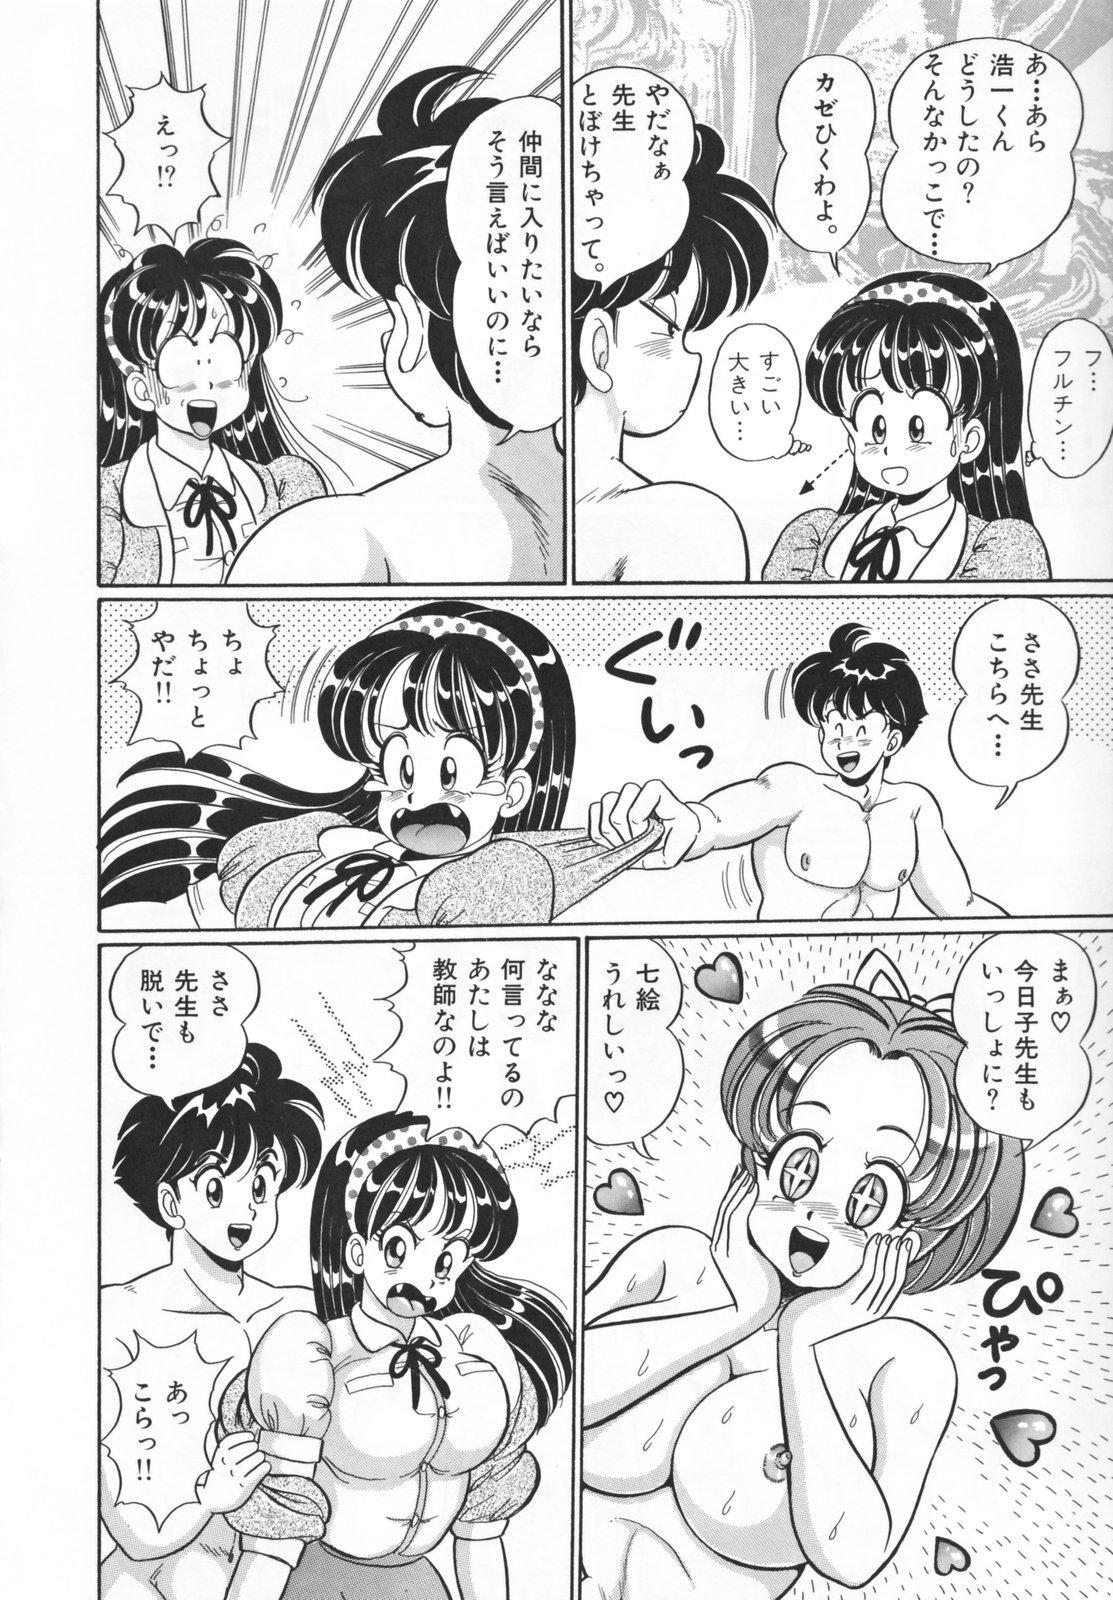 Houkago no Bakunyuu Hatsutaiken 31